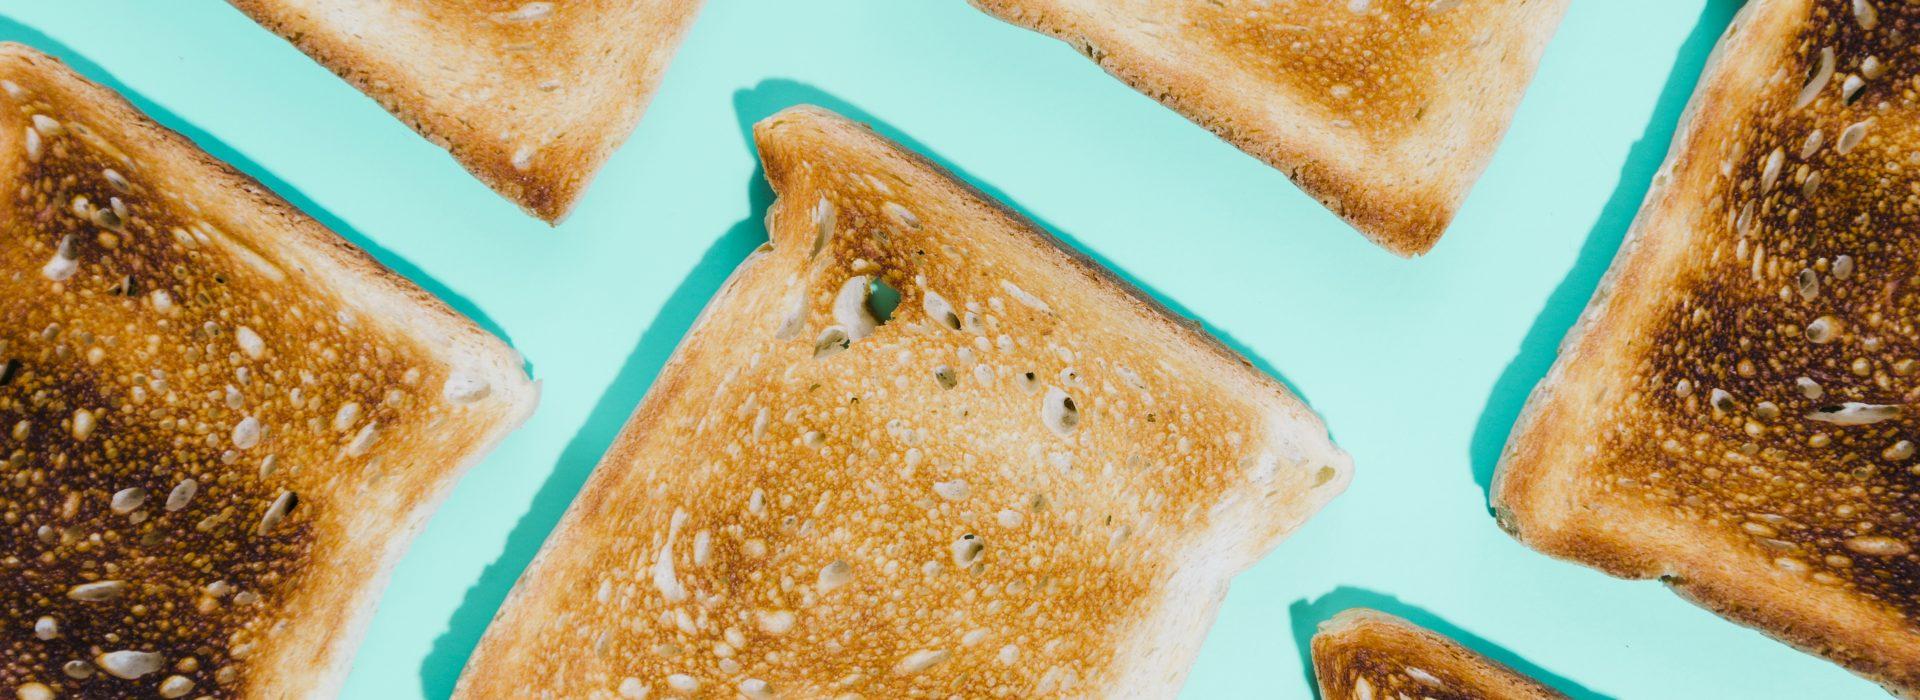 Pan de molde tostado